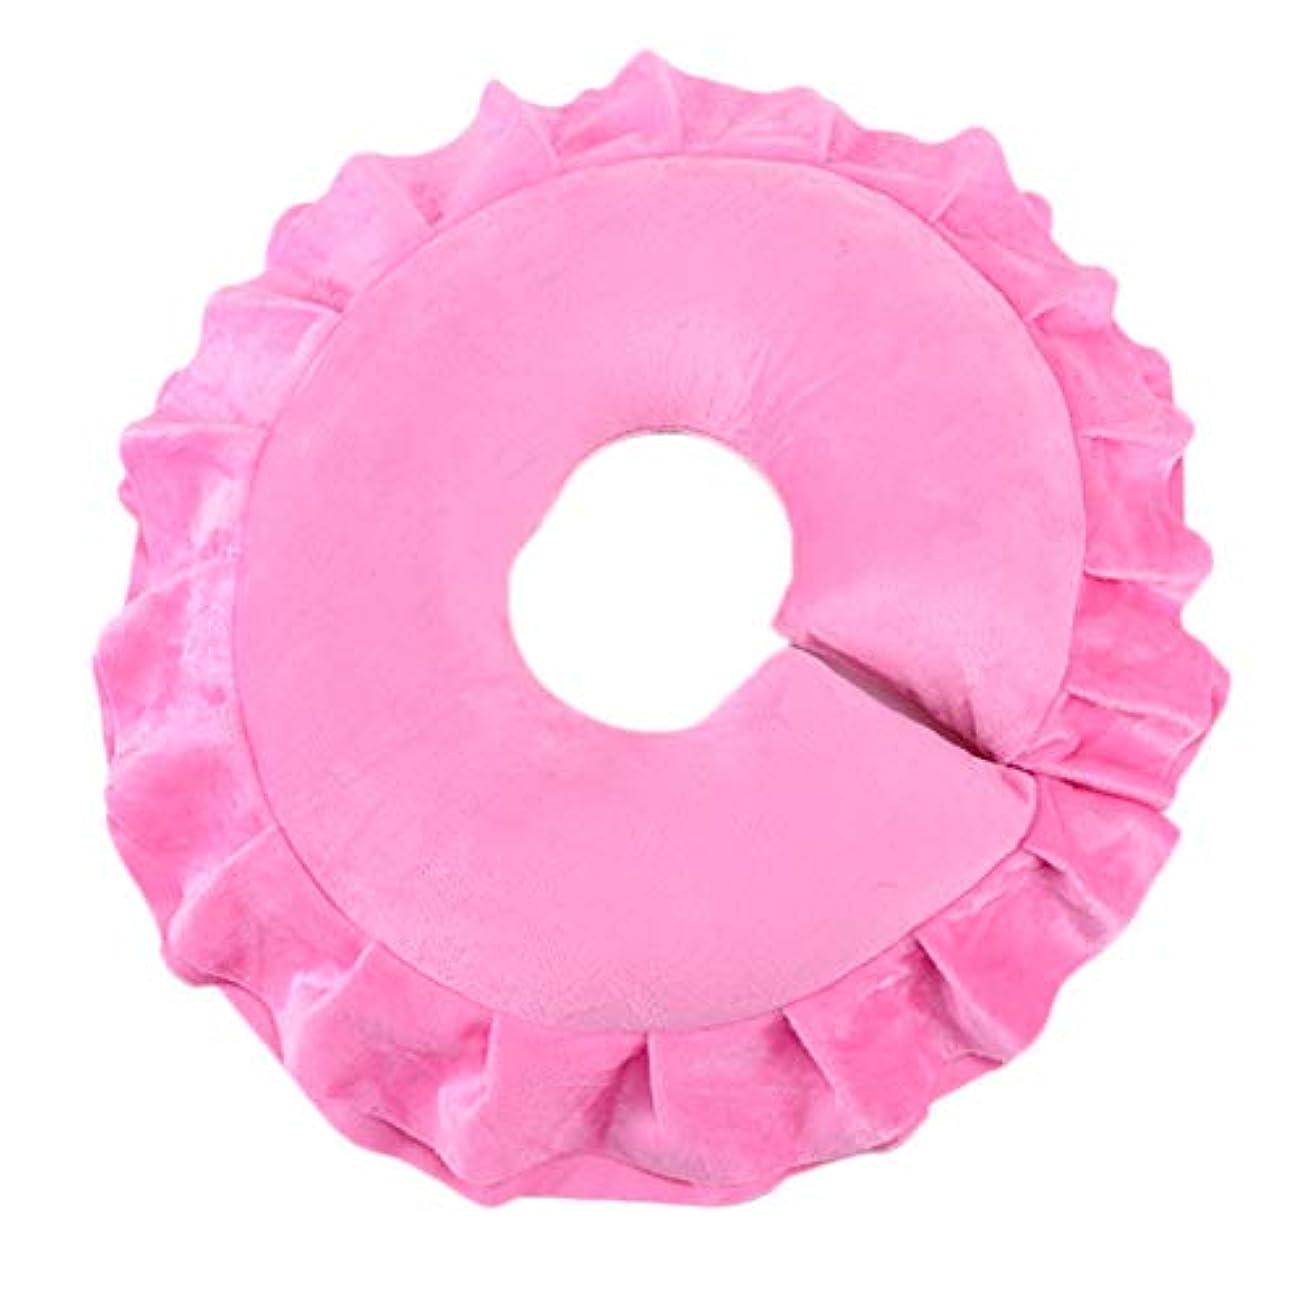 取得する著名な傾向顔枕 マッサージ用 フェイスピロー 枕 フェイスクッション ソフト マッサージ クッション 全4色 - ピンク